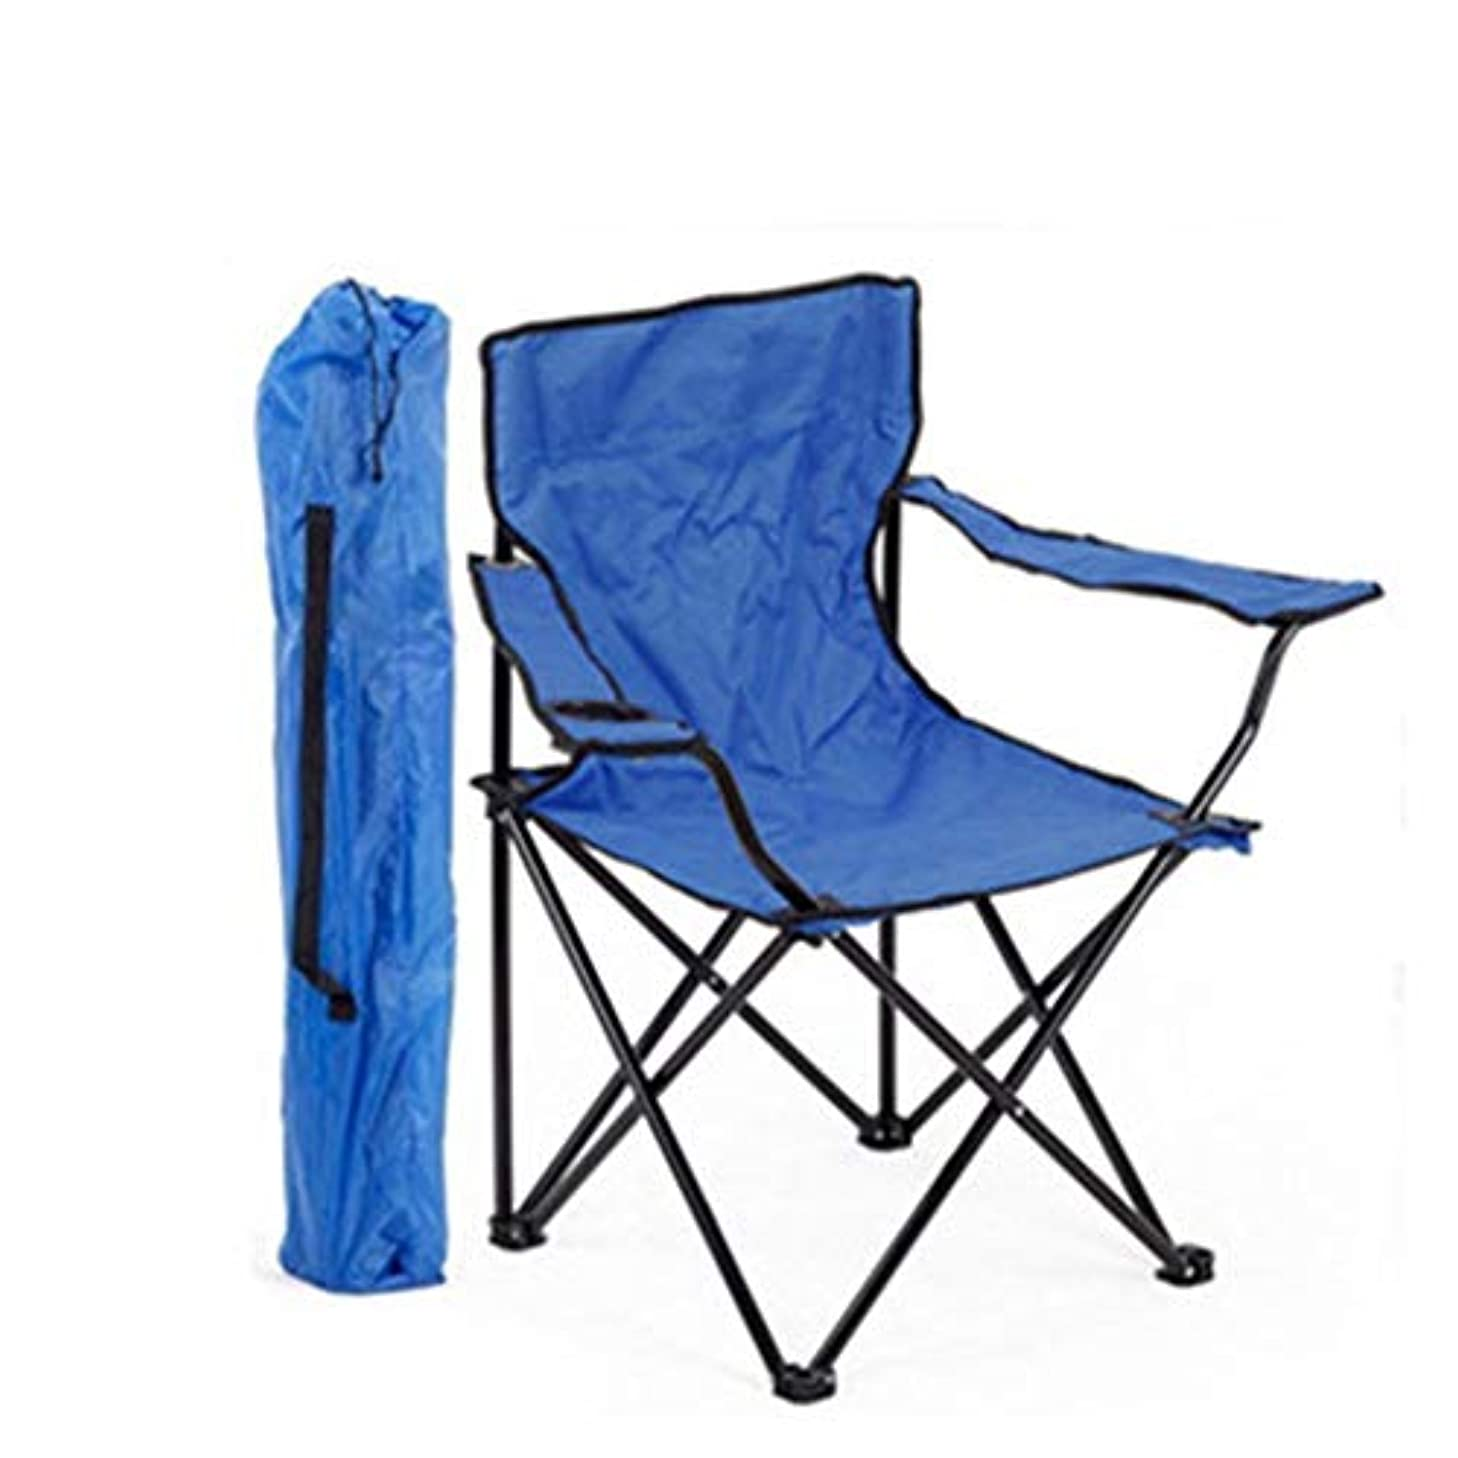 歯痛良性厚いアウトドアチェア キャンプチェア、キャリーバッグとカップホルダー付きの折りたたみ式ポータブル、ホーム/パティオ/デッキ/ホリデー/ビーチに最適